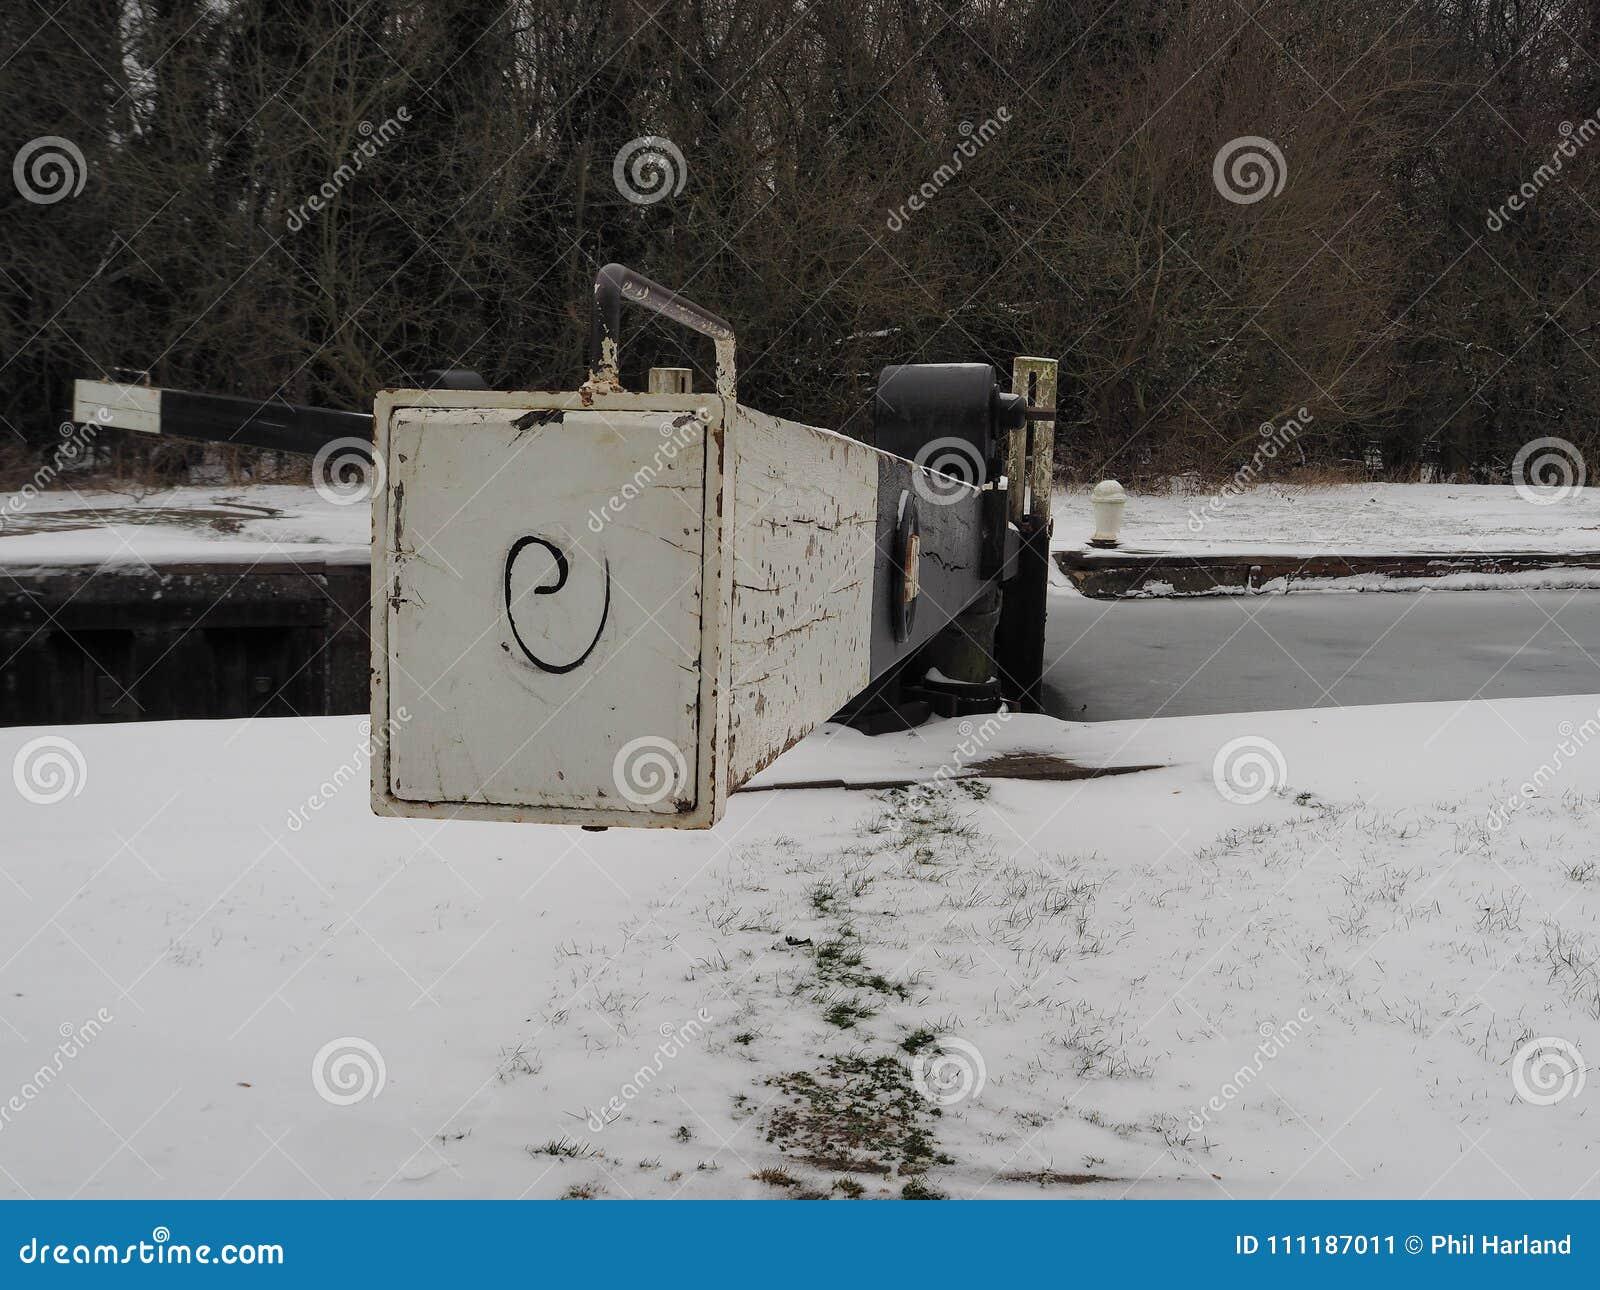 Πύλη κλειδαριών το χειμώνα με το χιόνι στο έδαφος και τον πάγο στο κανάλι νερού, Kennet και Avon